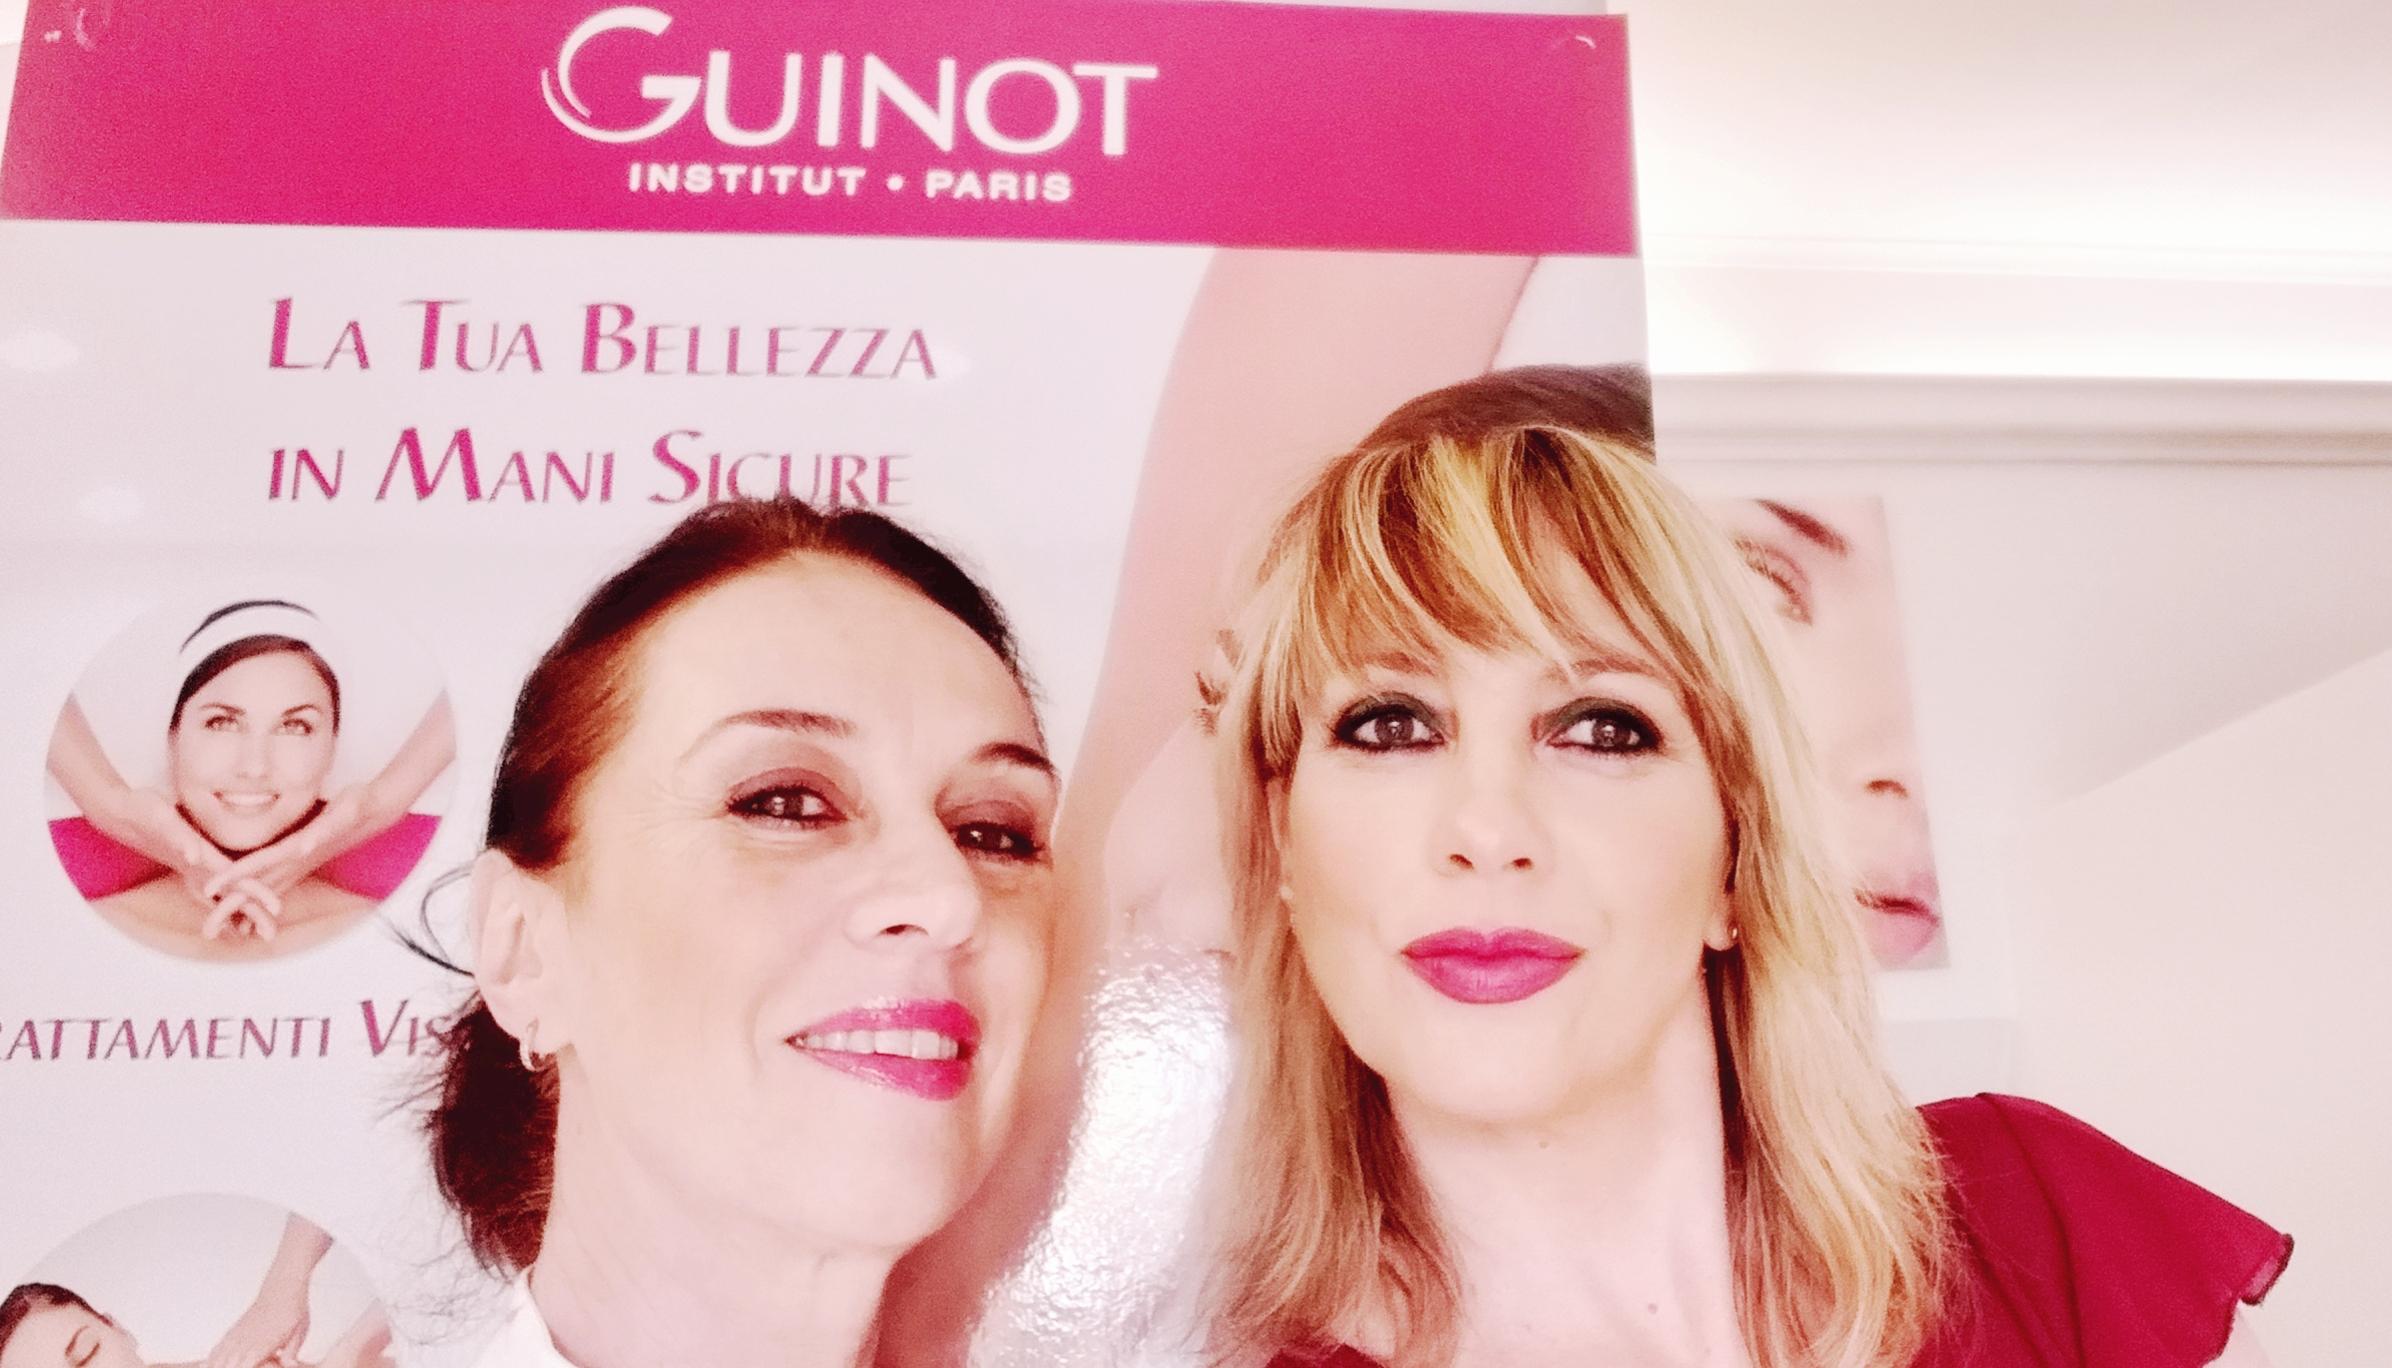 Arianna & Elisabetta da 20 anni Sempre Noi - Centro Estetico I Narcisi Guinot Institut Paris